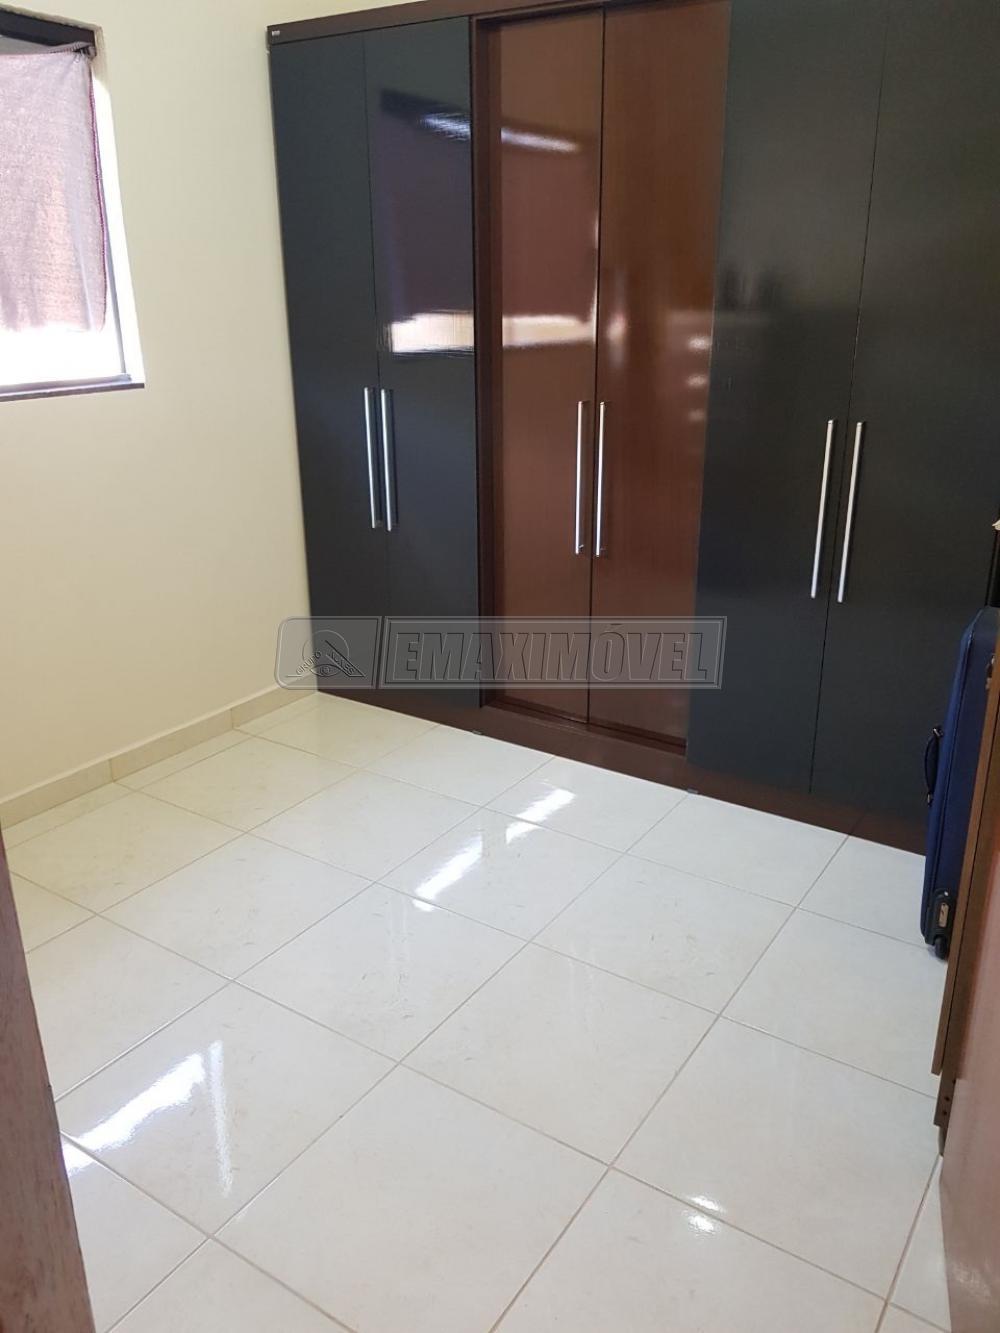 Alugar Apartamento / Padrão em Sorocaba R$ 1.300,00 - Foto 6